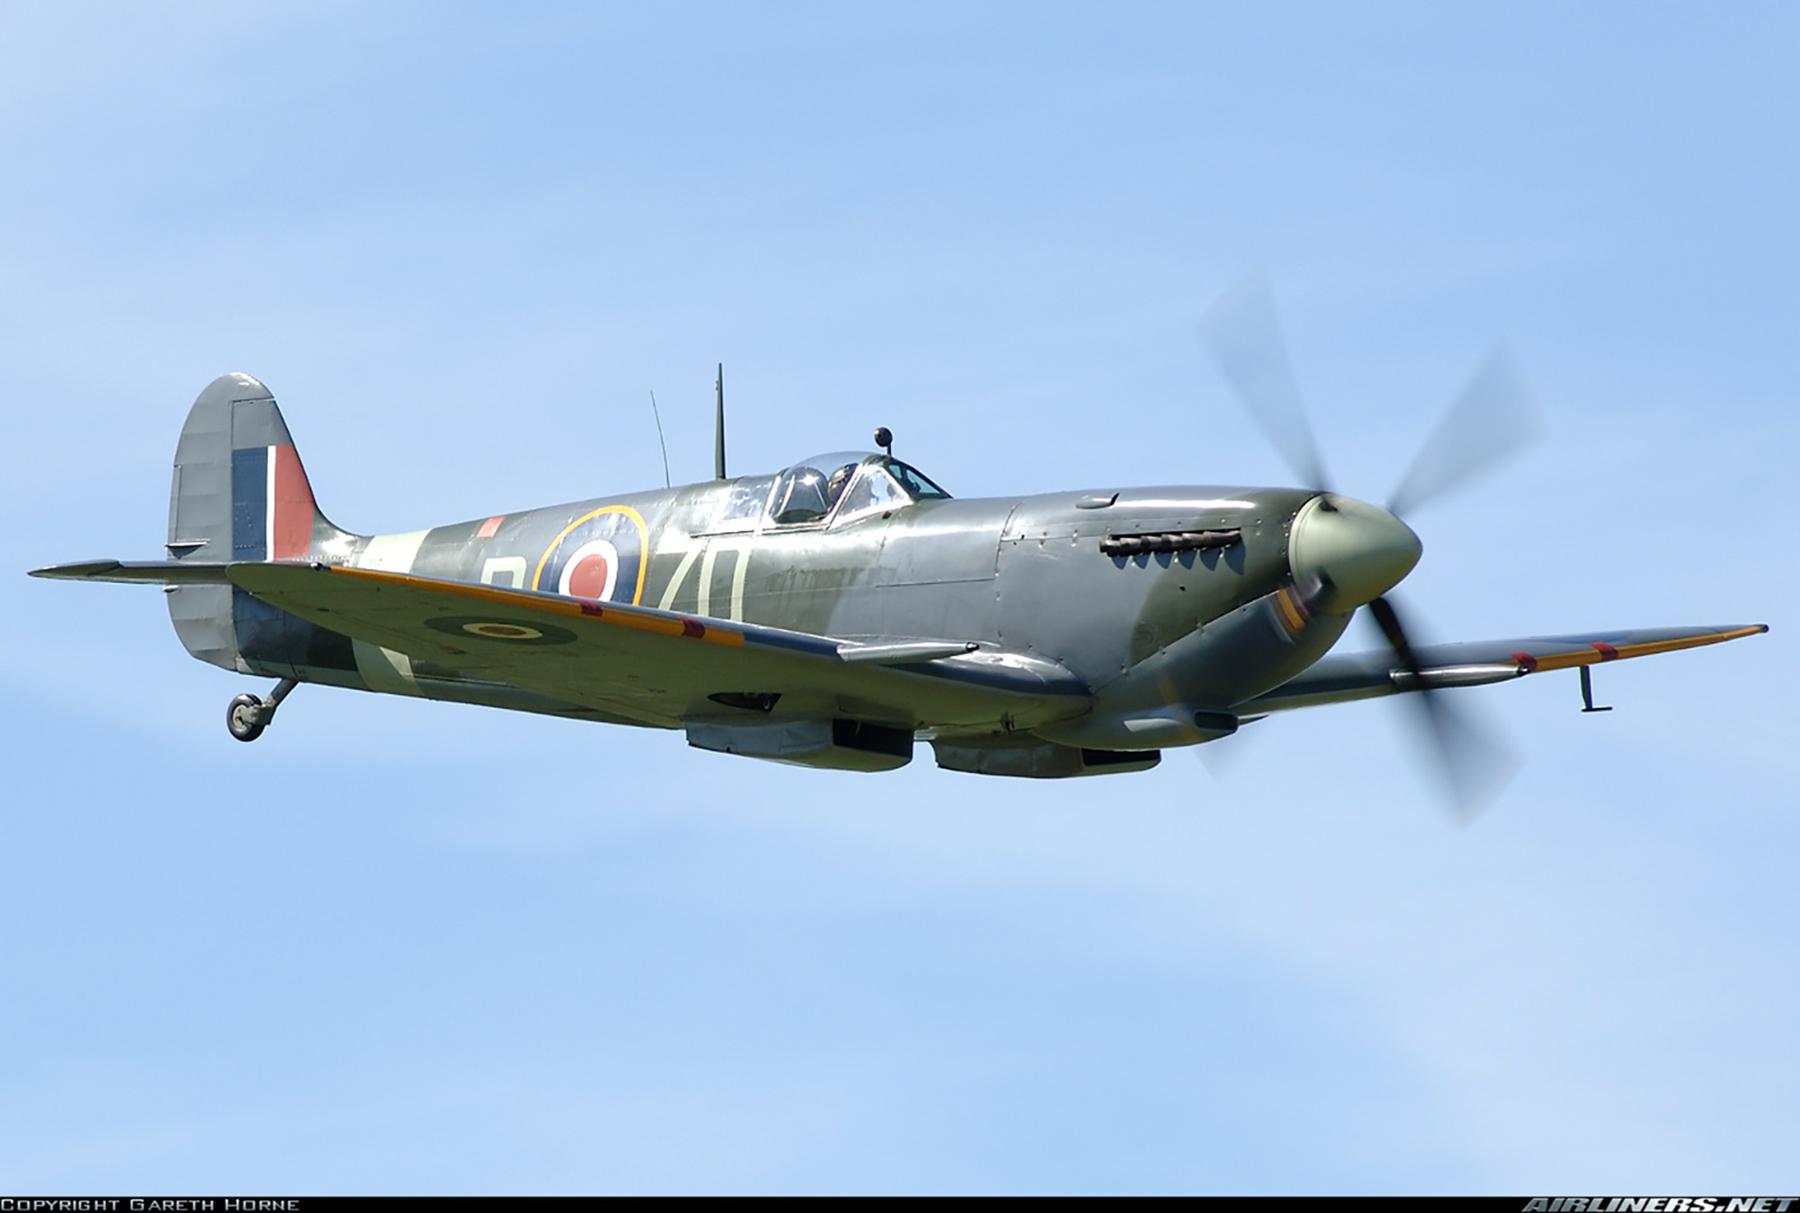 Airworthy Spitfire warbird RAF 222Sqn ZDB MH434 England 01